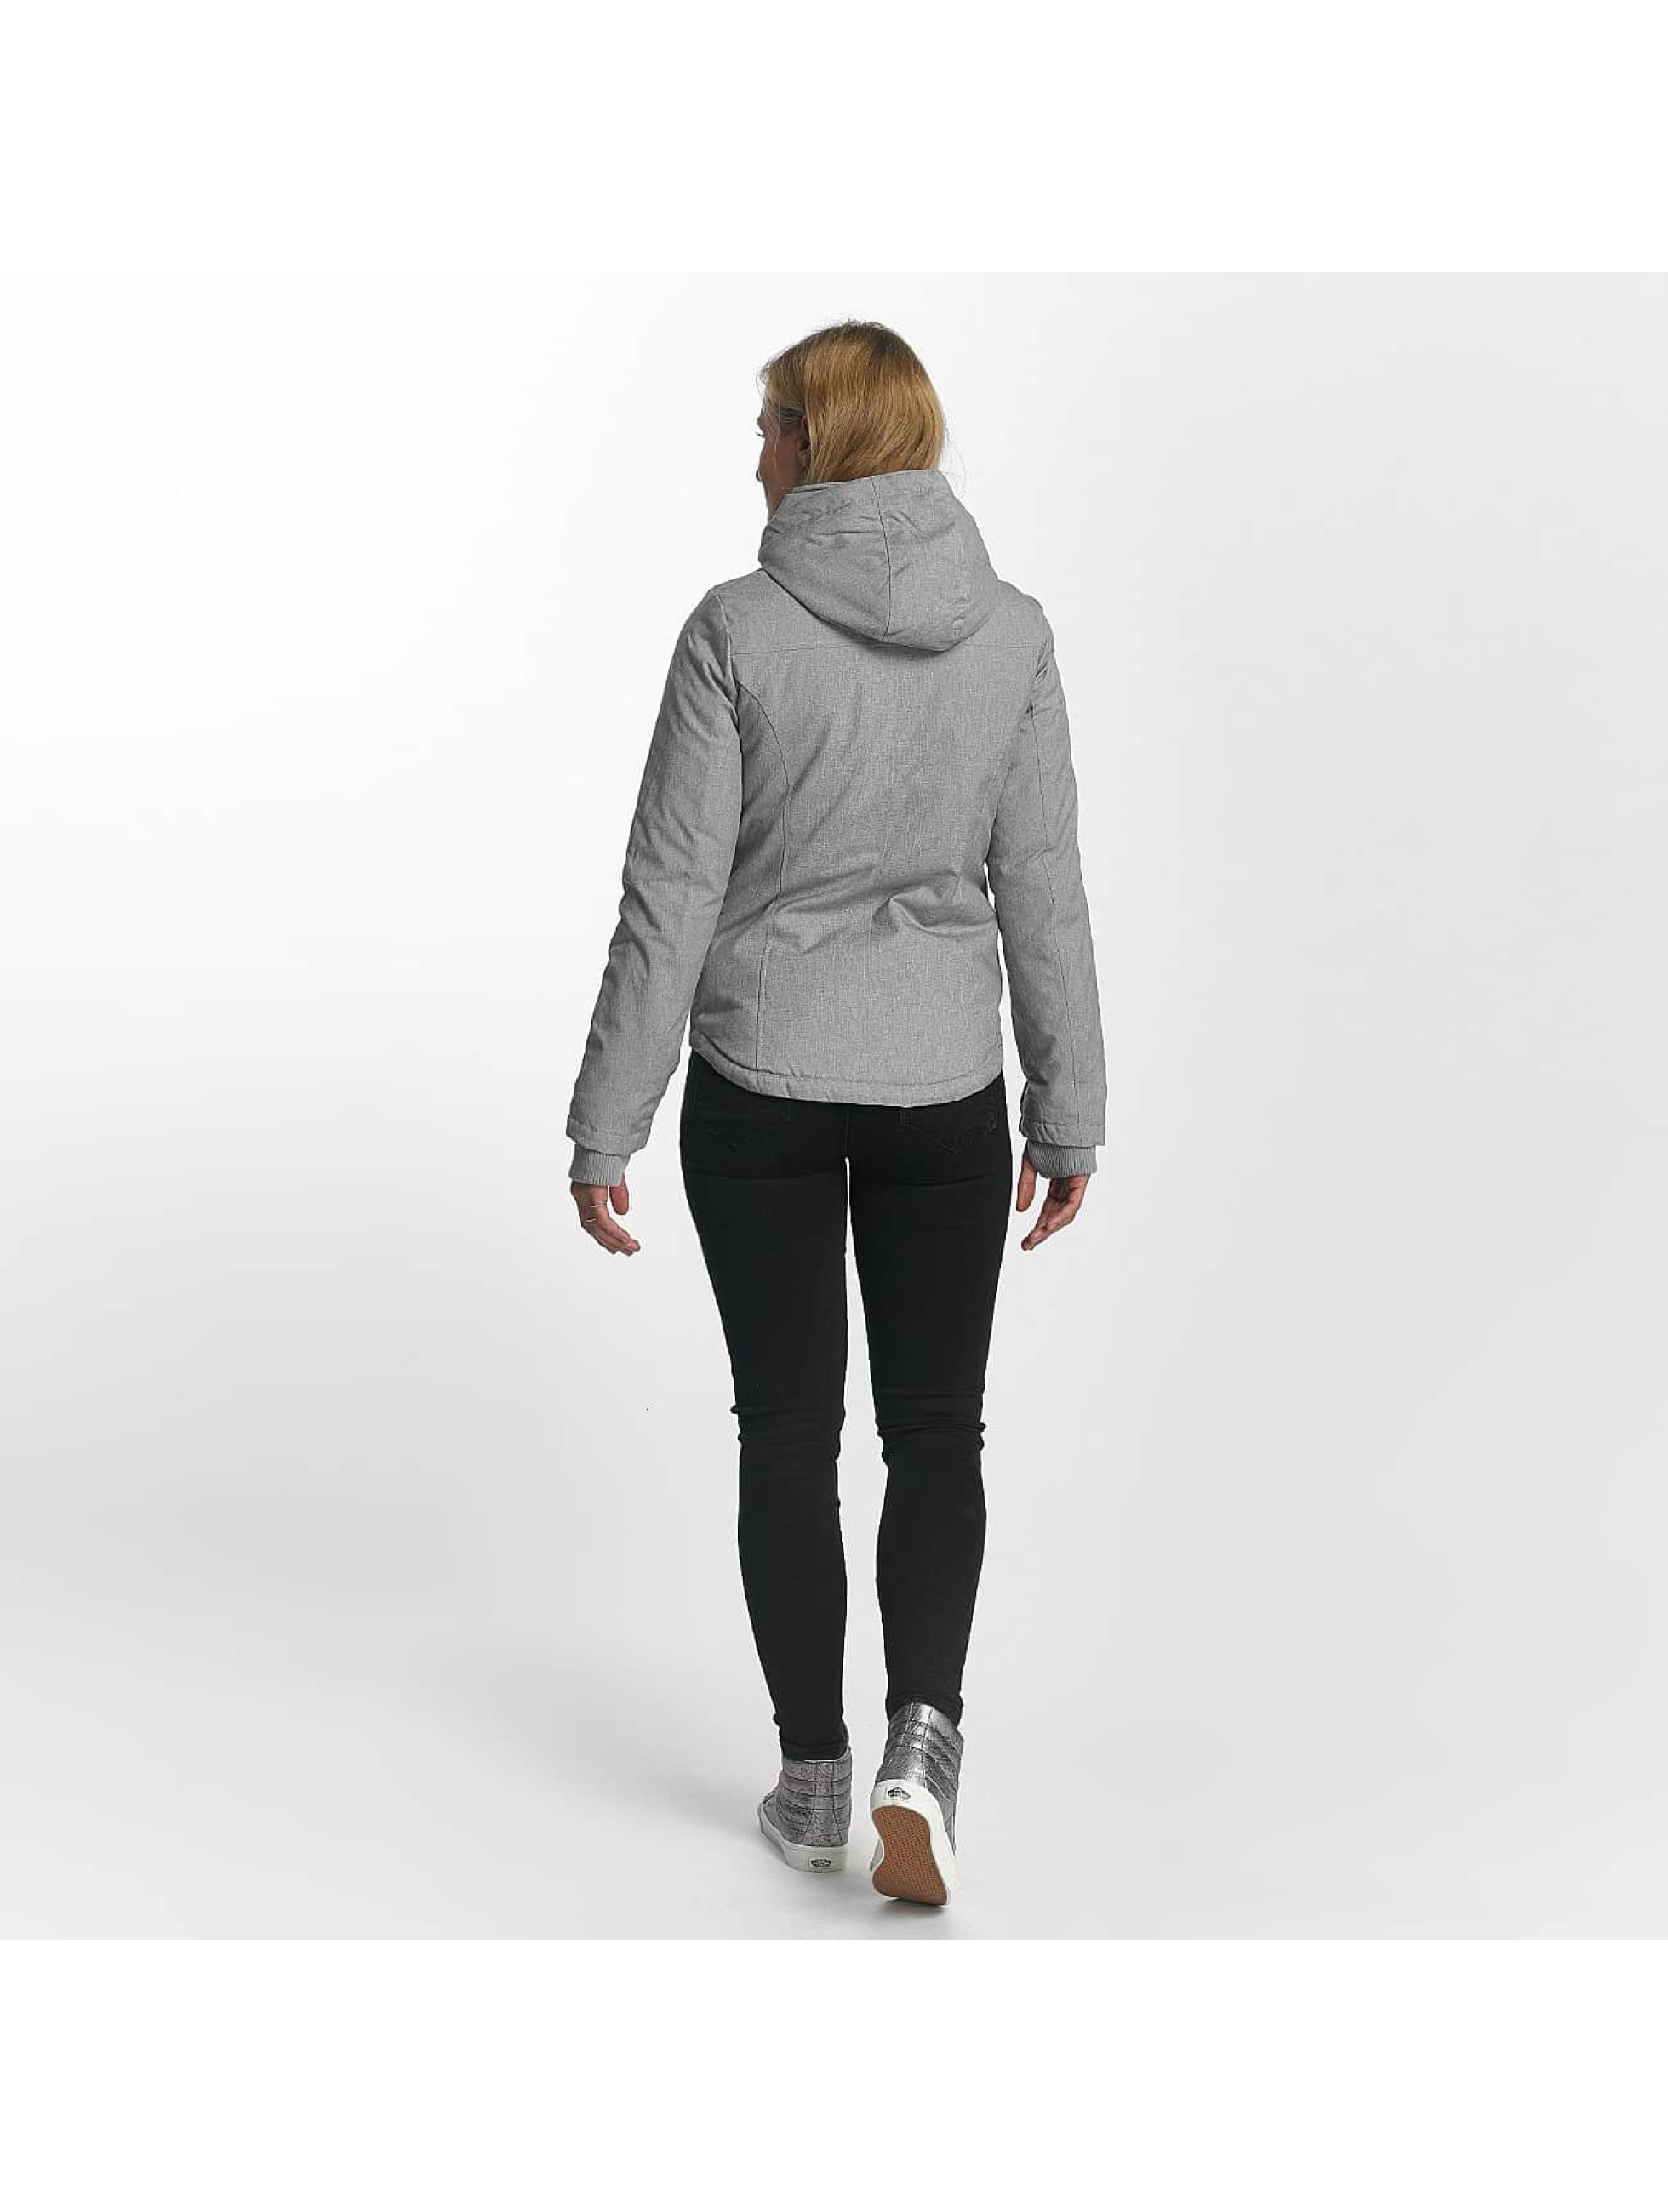 Sublevel Manteau hiver Jacket Pencil gris